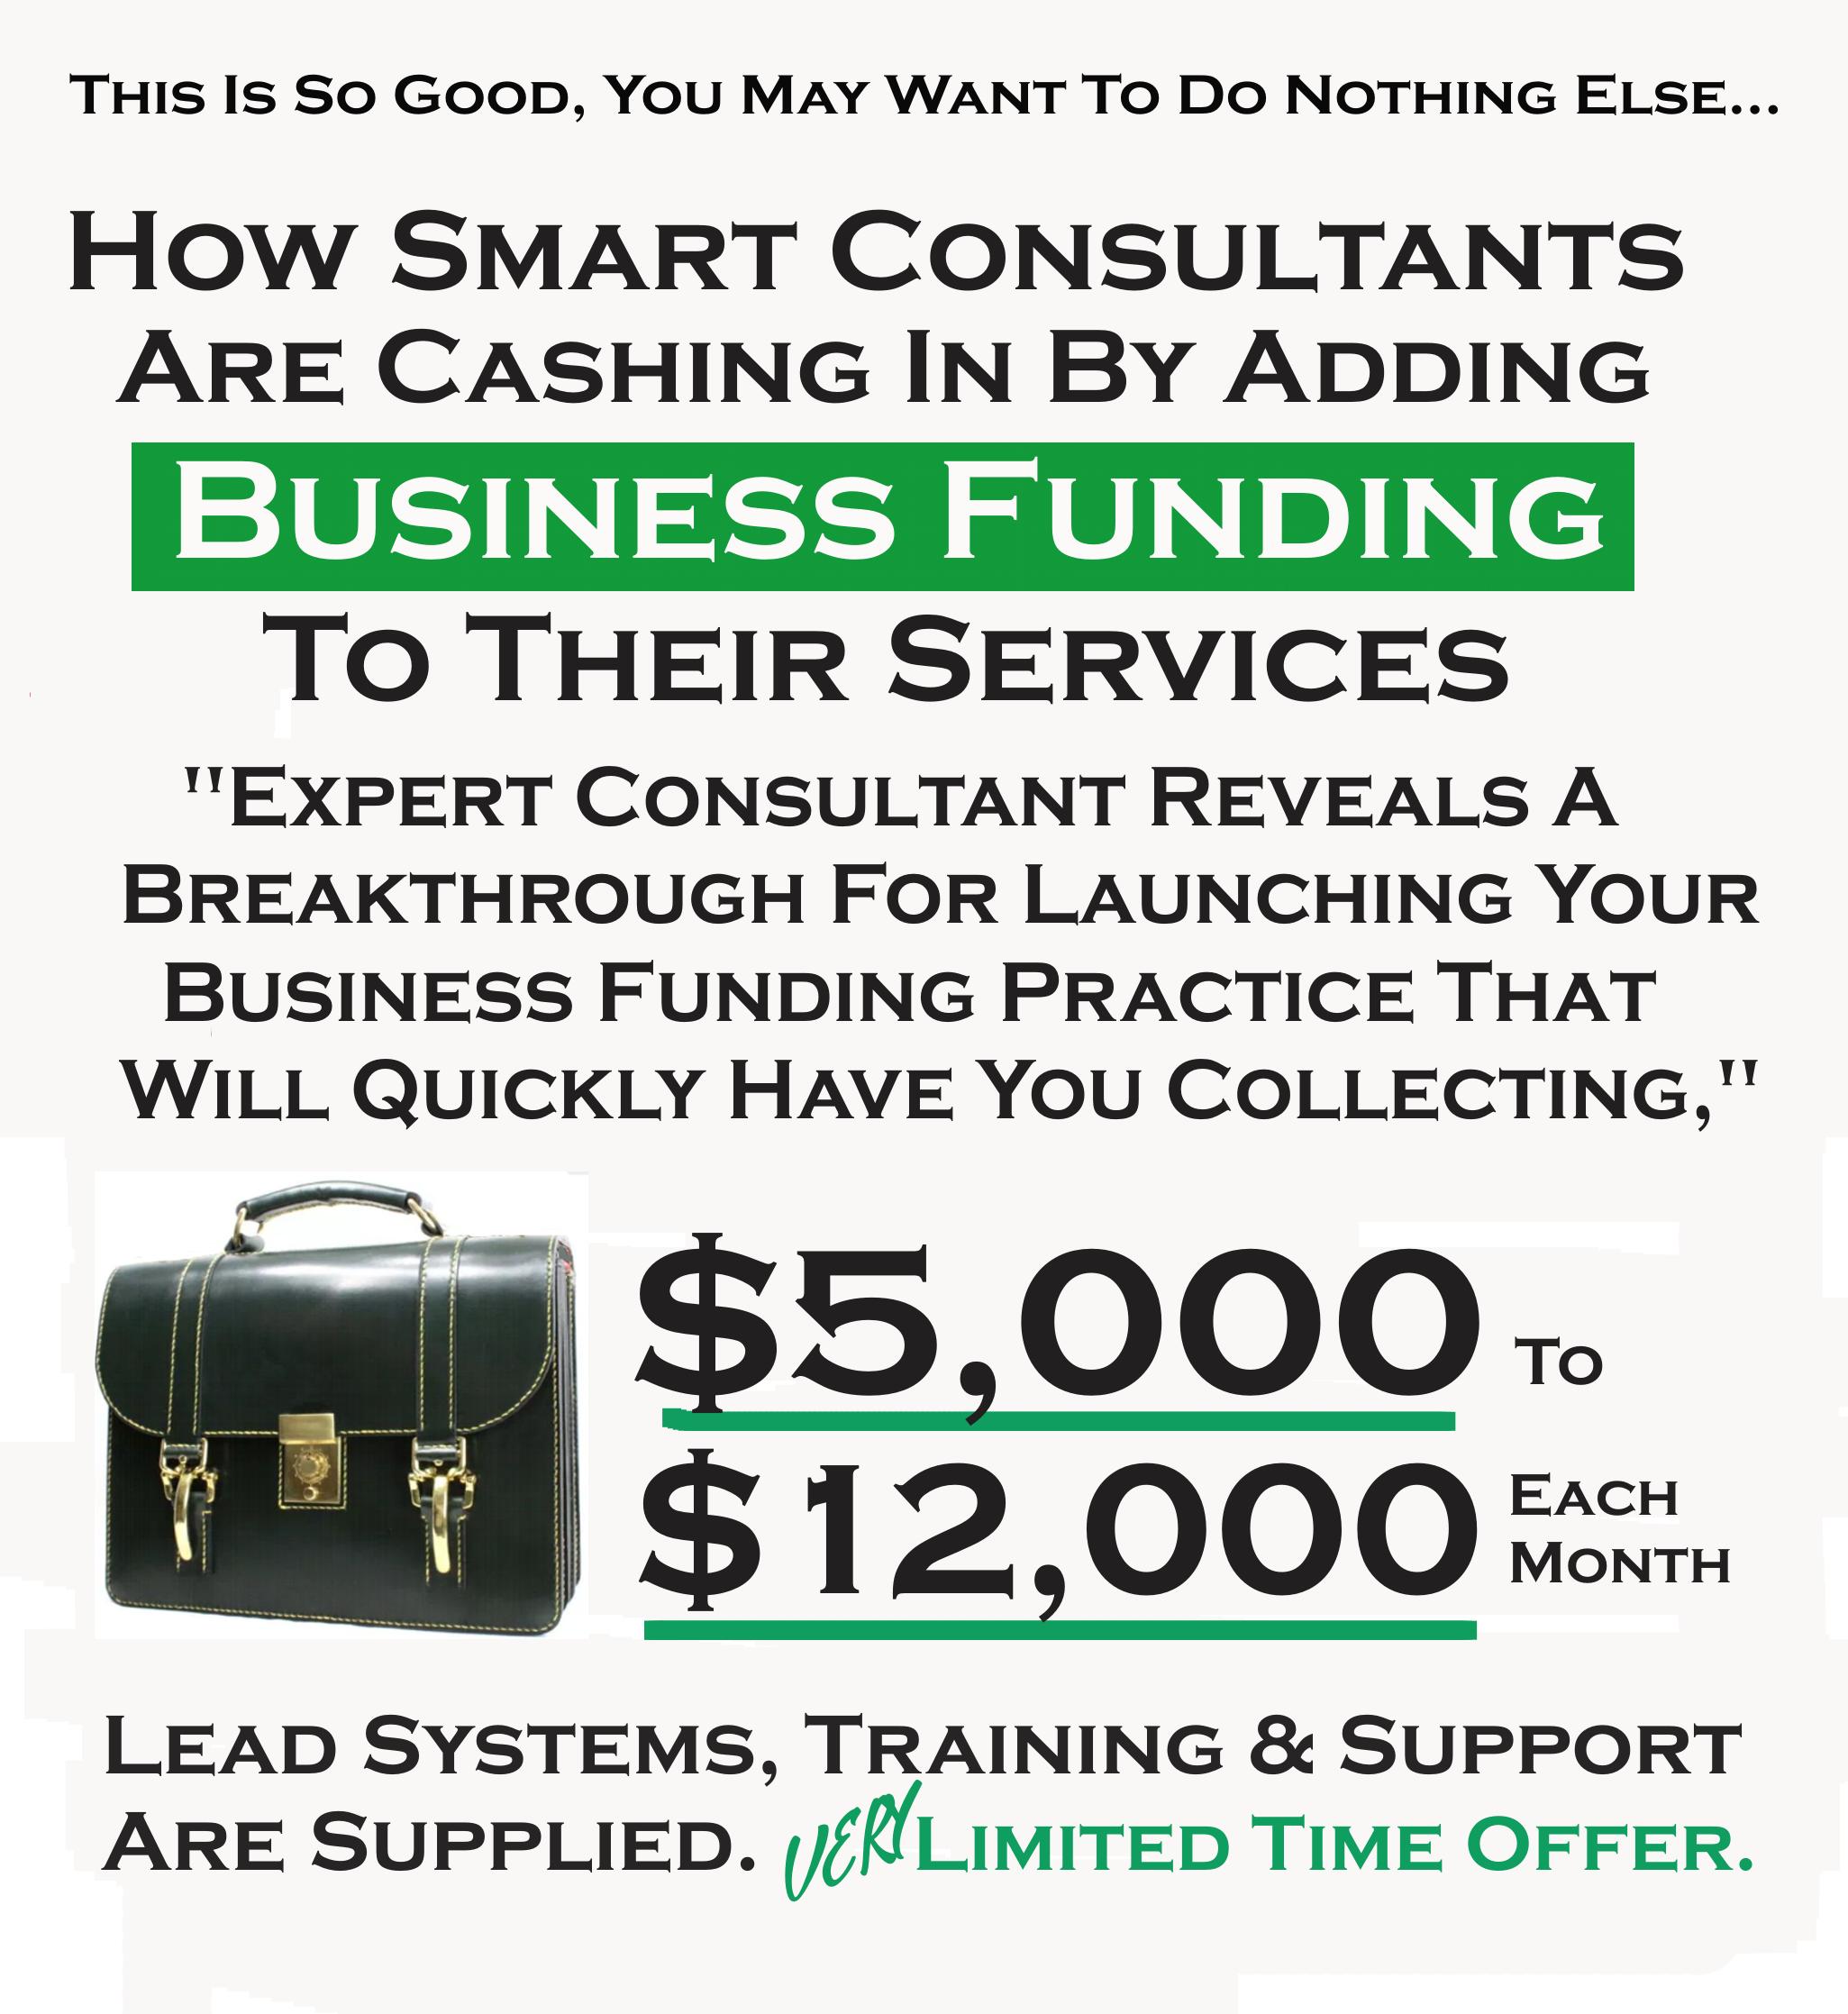 专家揭示了一个突破及启动你的小企业融资实战培训教程,将很快让你收集到每月$5000美元到$12000美元!(Local Freelance Funding Formula)